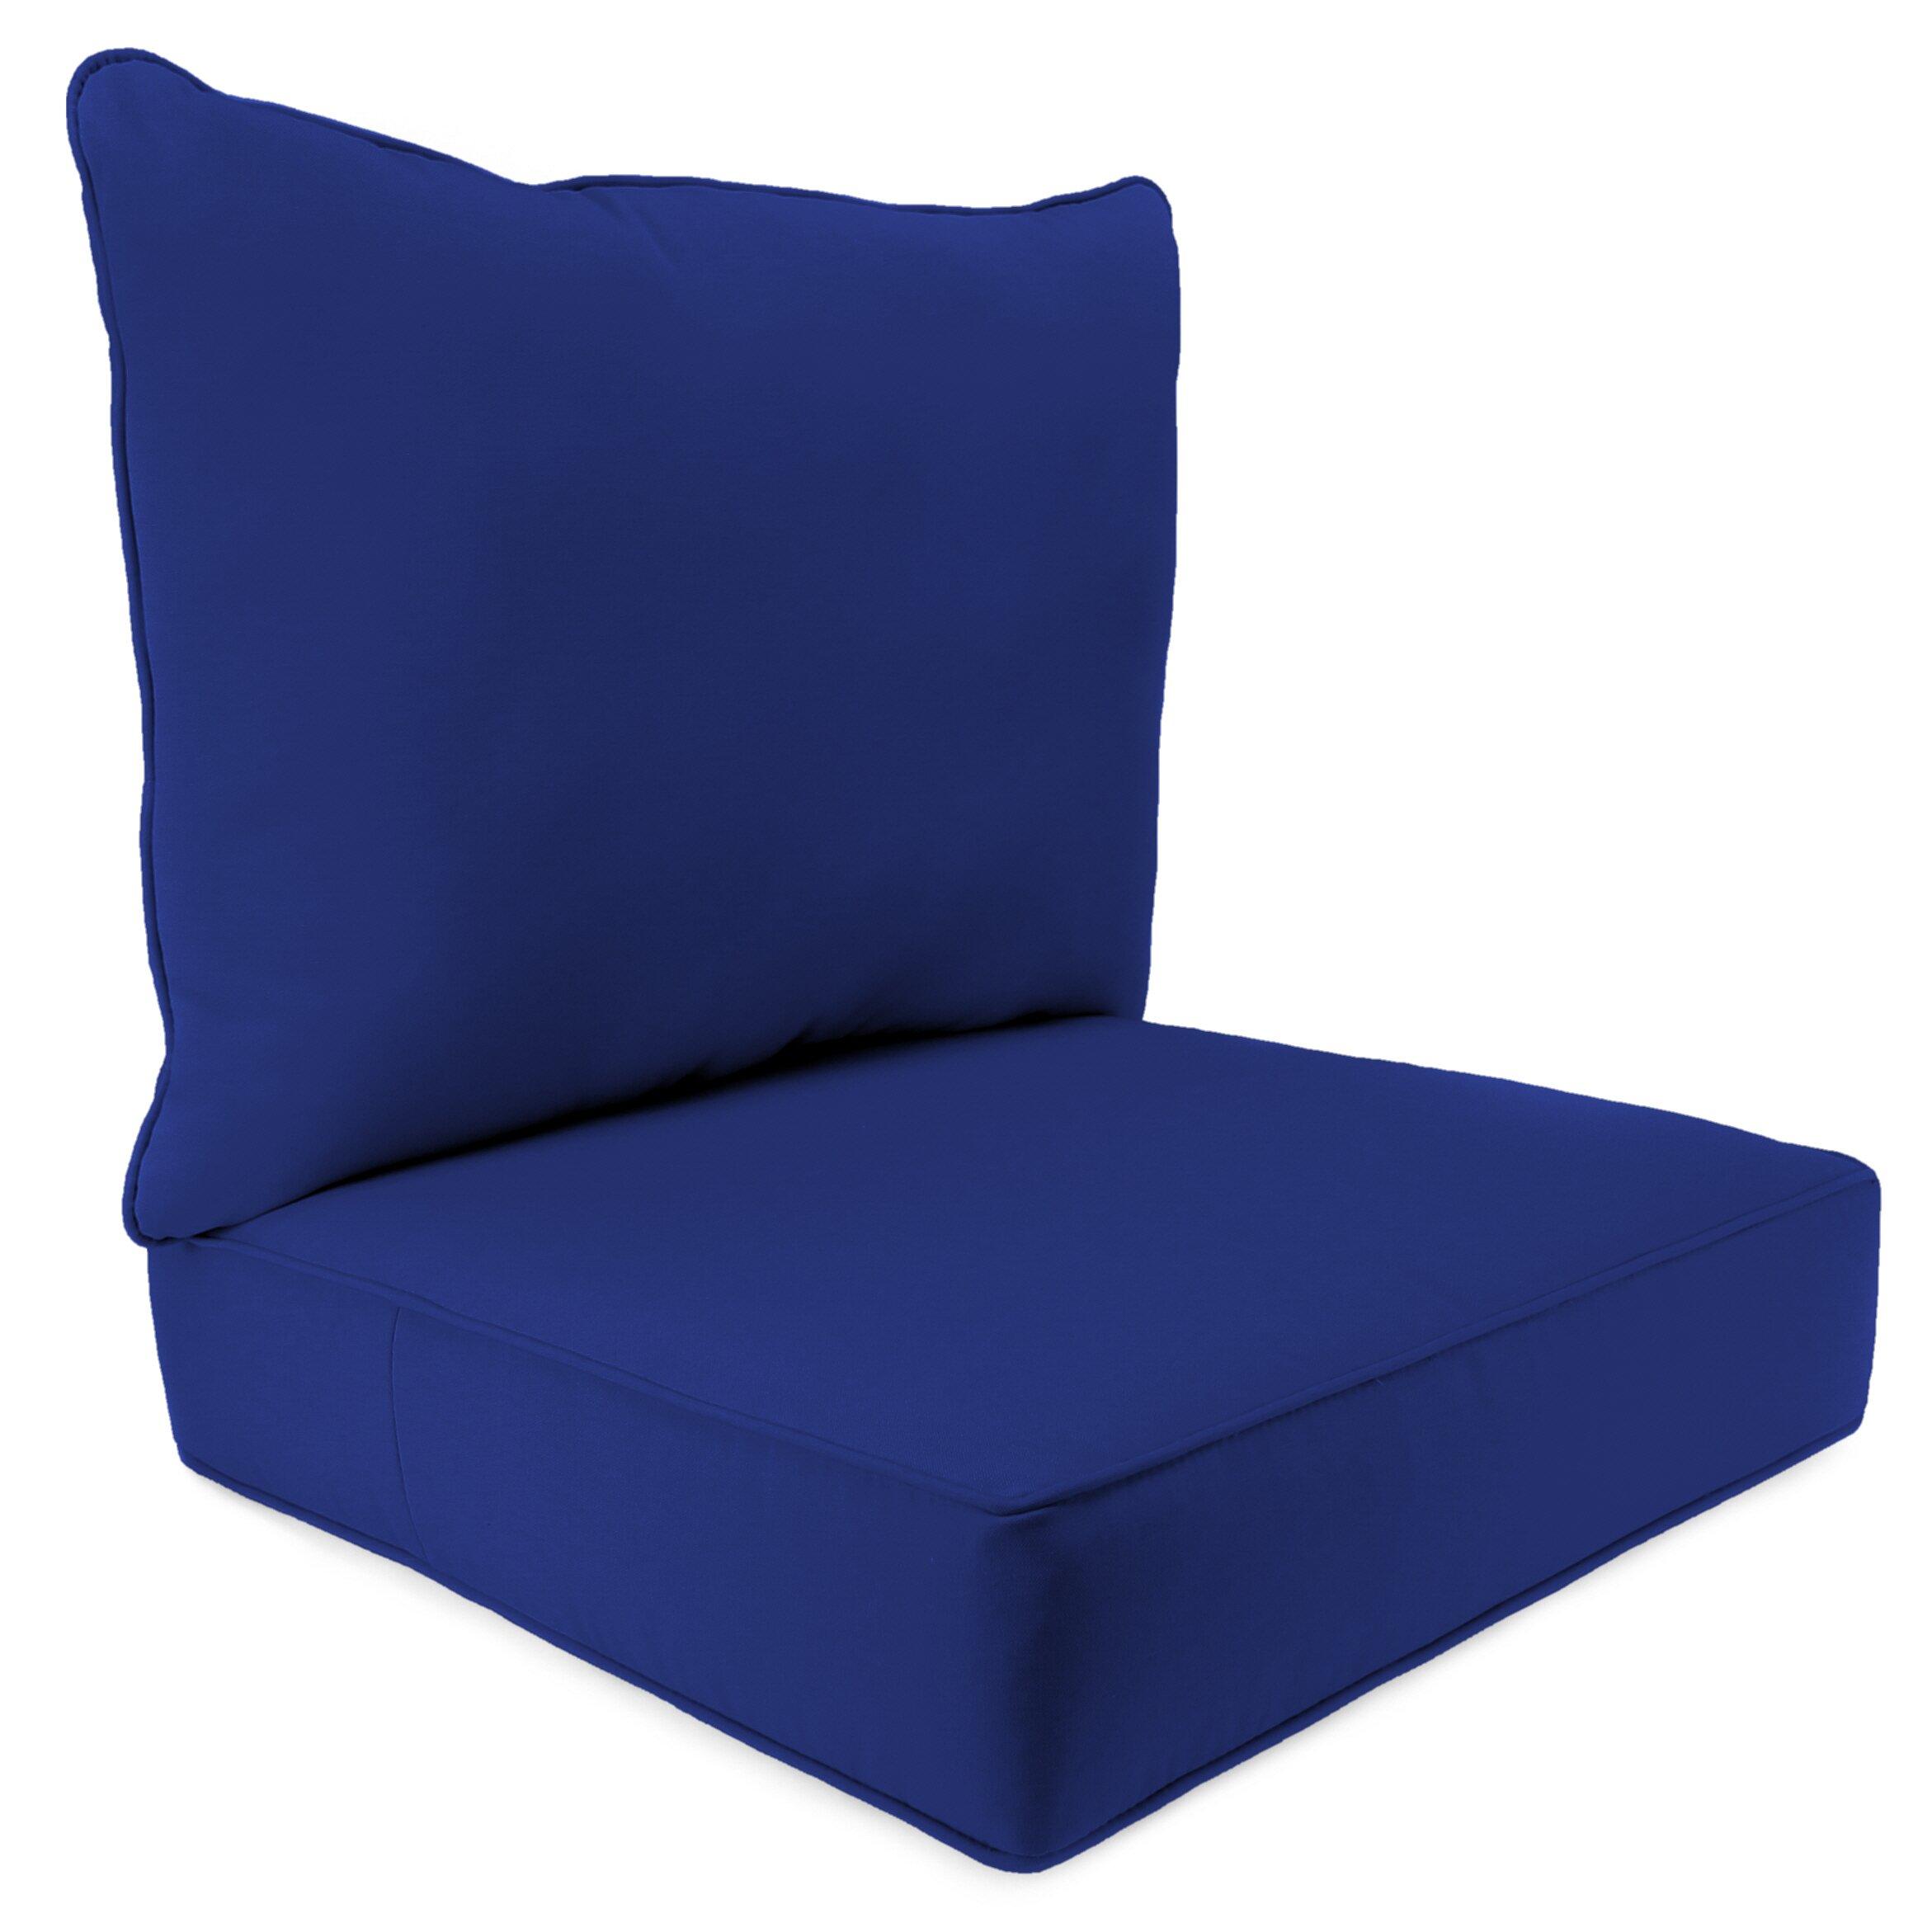 Breakwater Bay 2 Piece Indoor Outdoor Chair Cushion Set